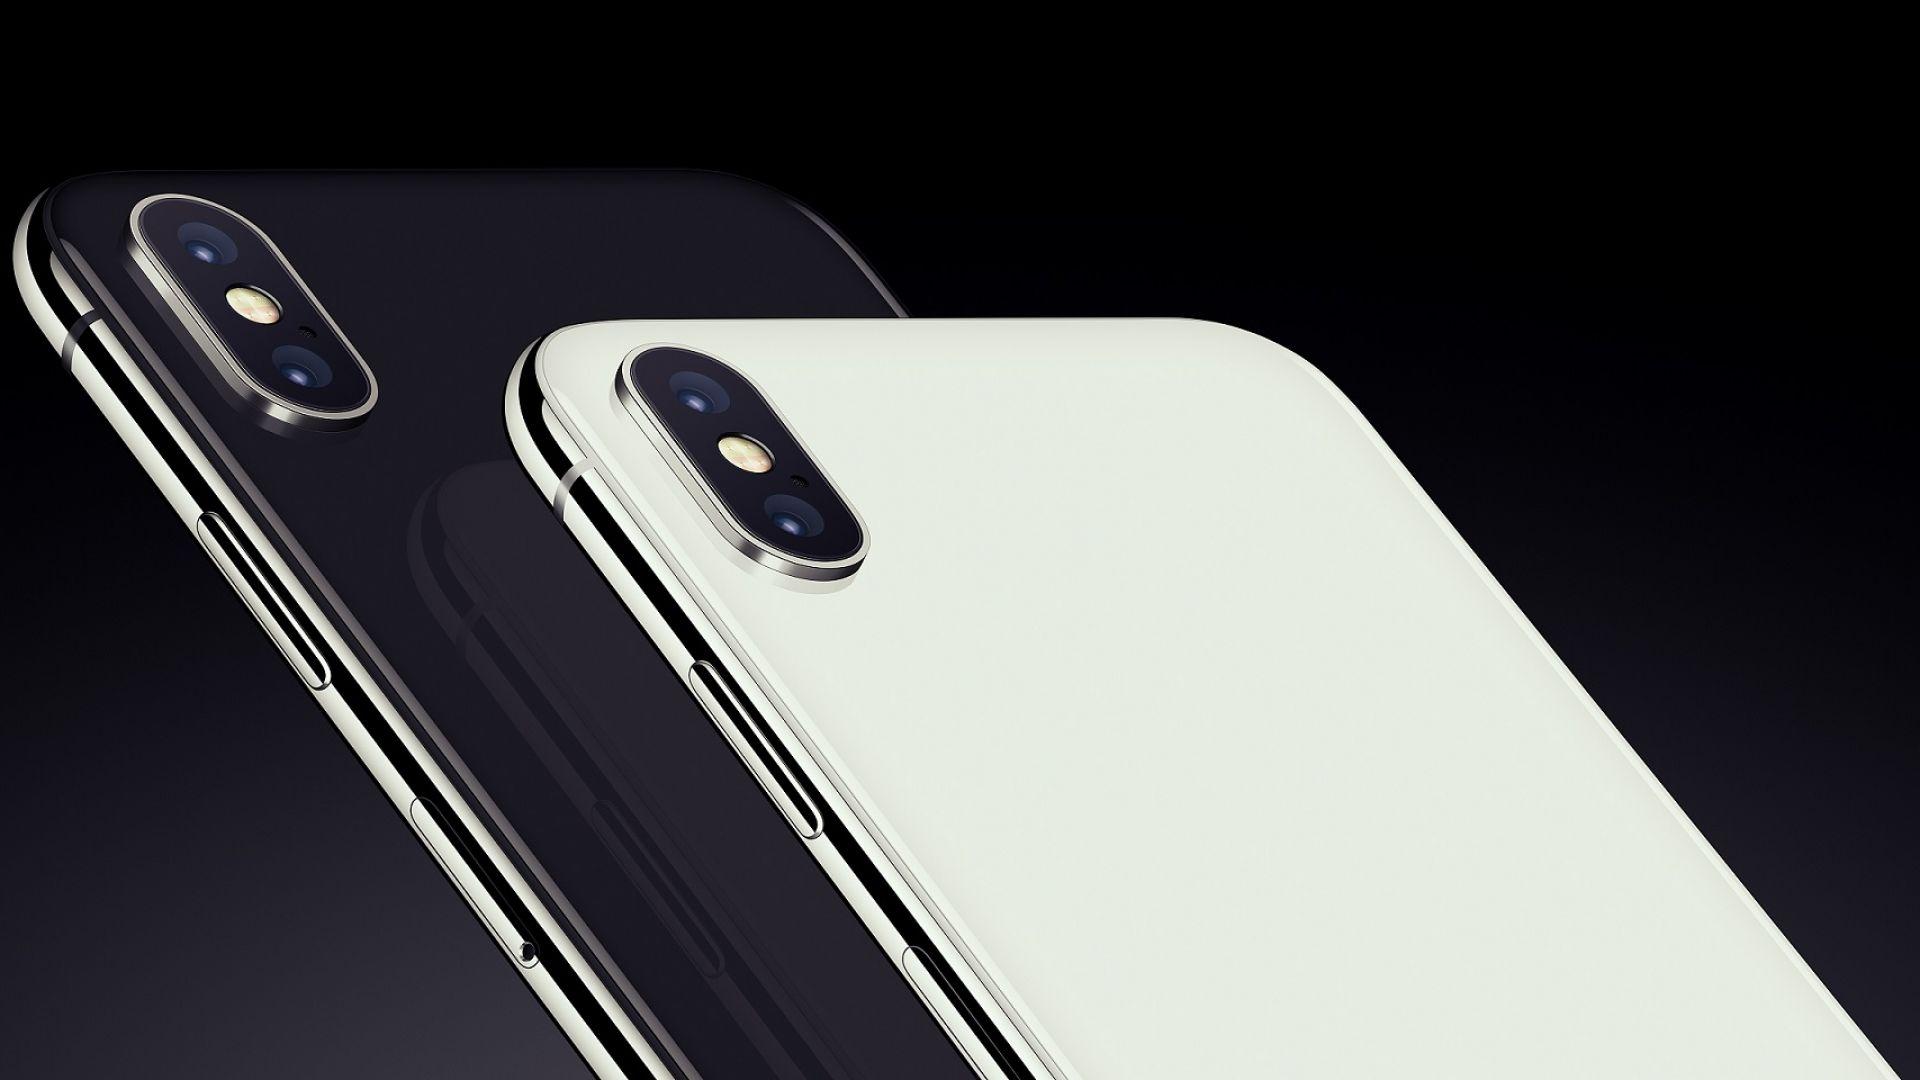 iPhone ще може да прави две снимки едновременно